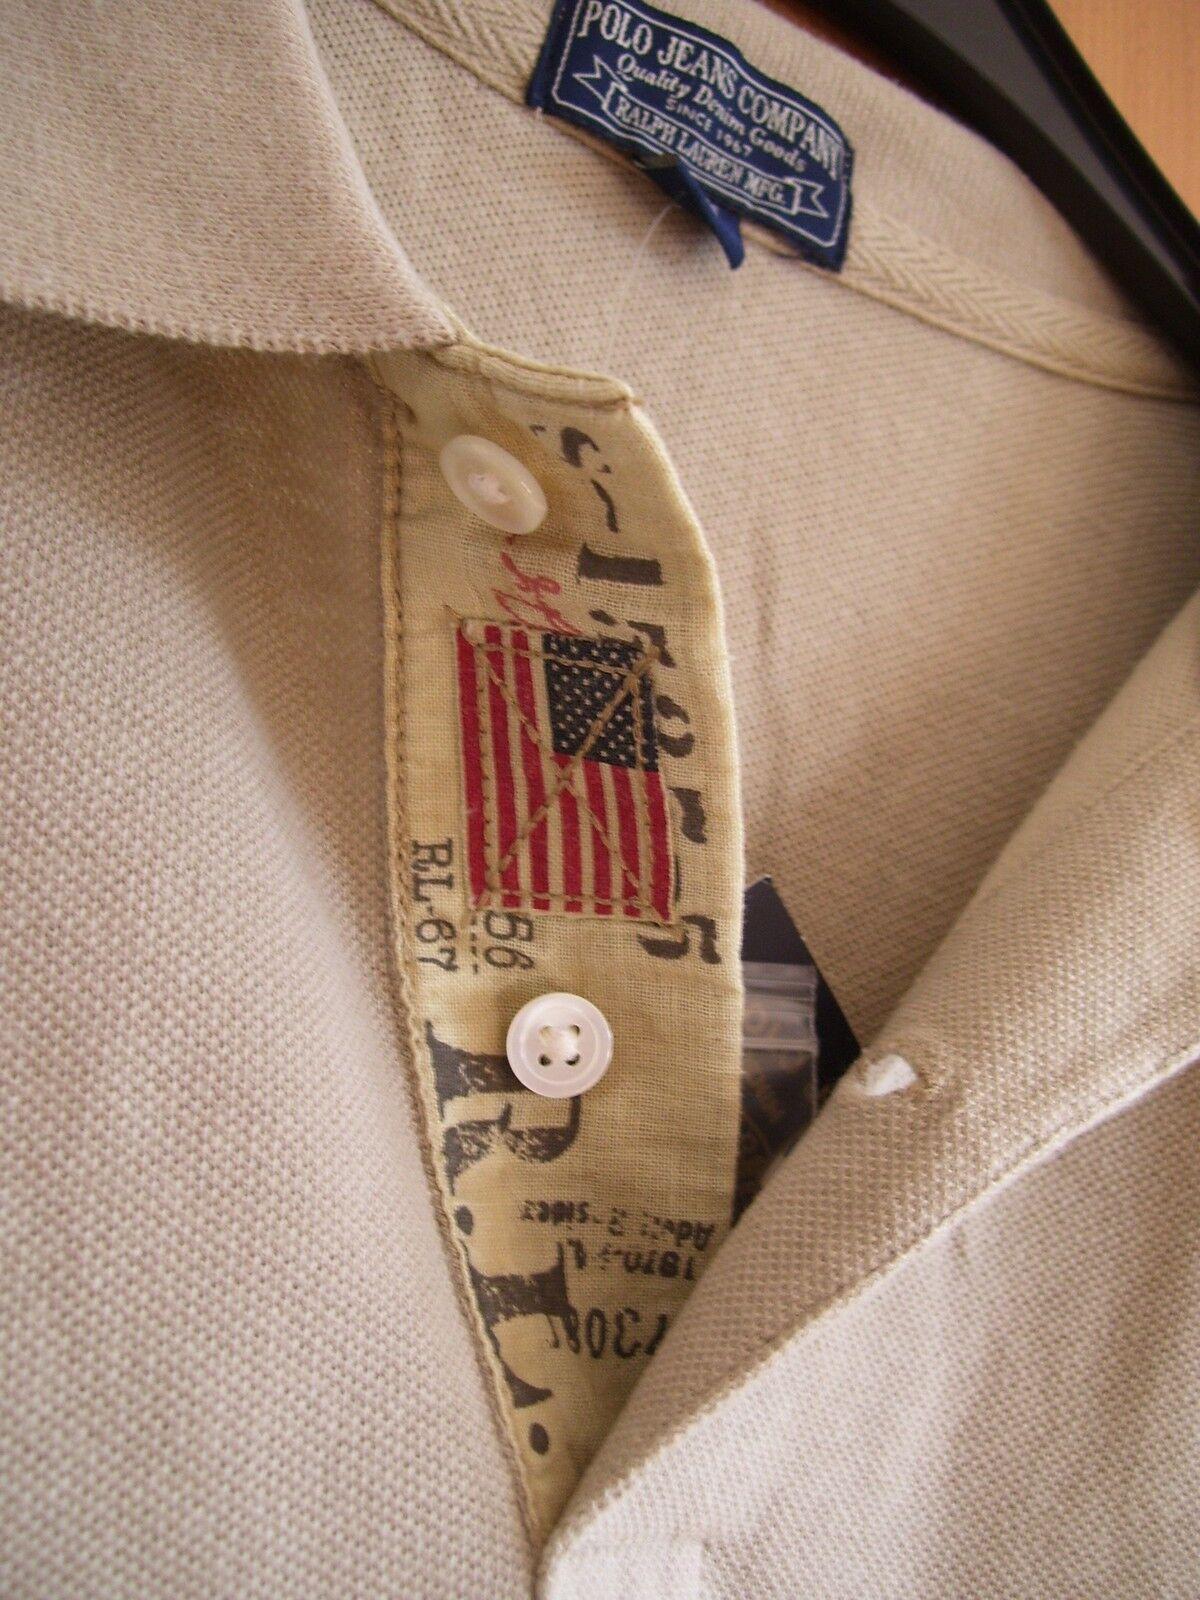 Ralph Lauren Polo Jeans Co Pique Dean Poloshirt Poloshirt Poloshirt Kurzarm khaki Grösse L neu   Verpackungsvielfalt  ffb8d3